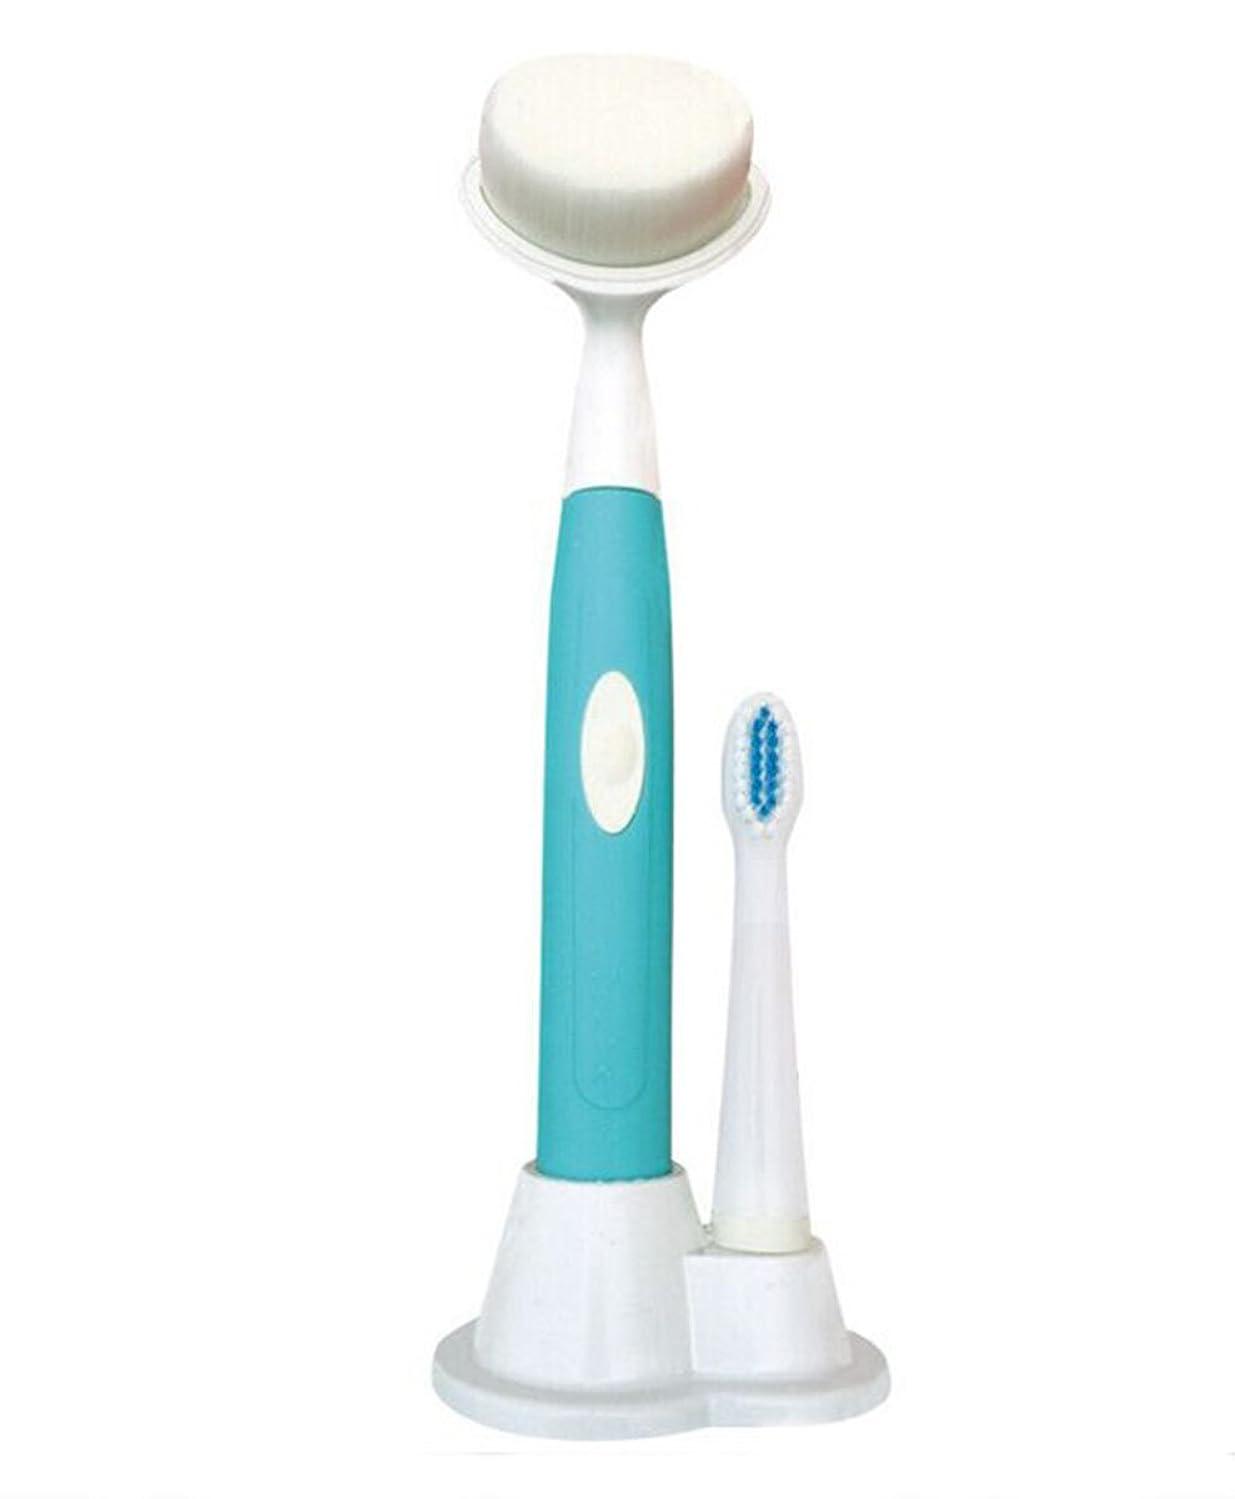 帽子タクトフェローシップノーブランド品電動歯洗顔ブラシ